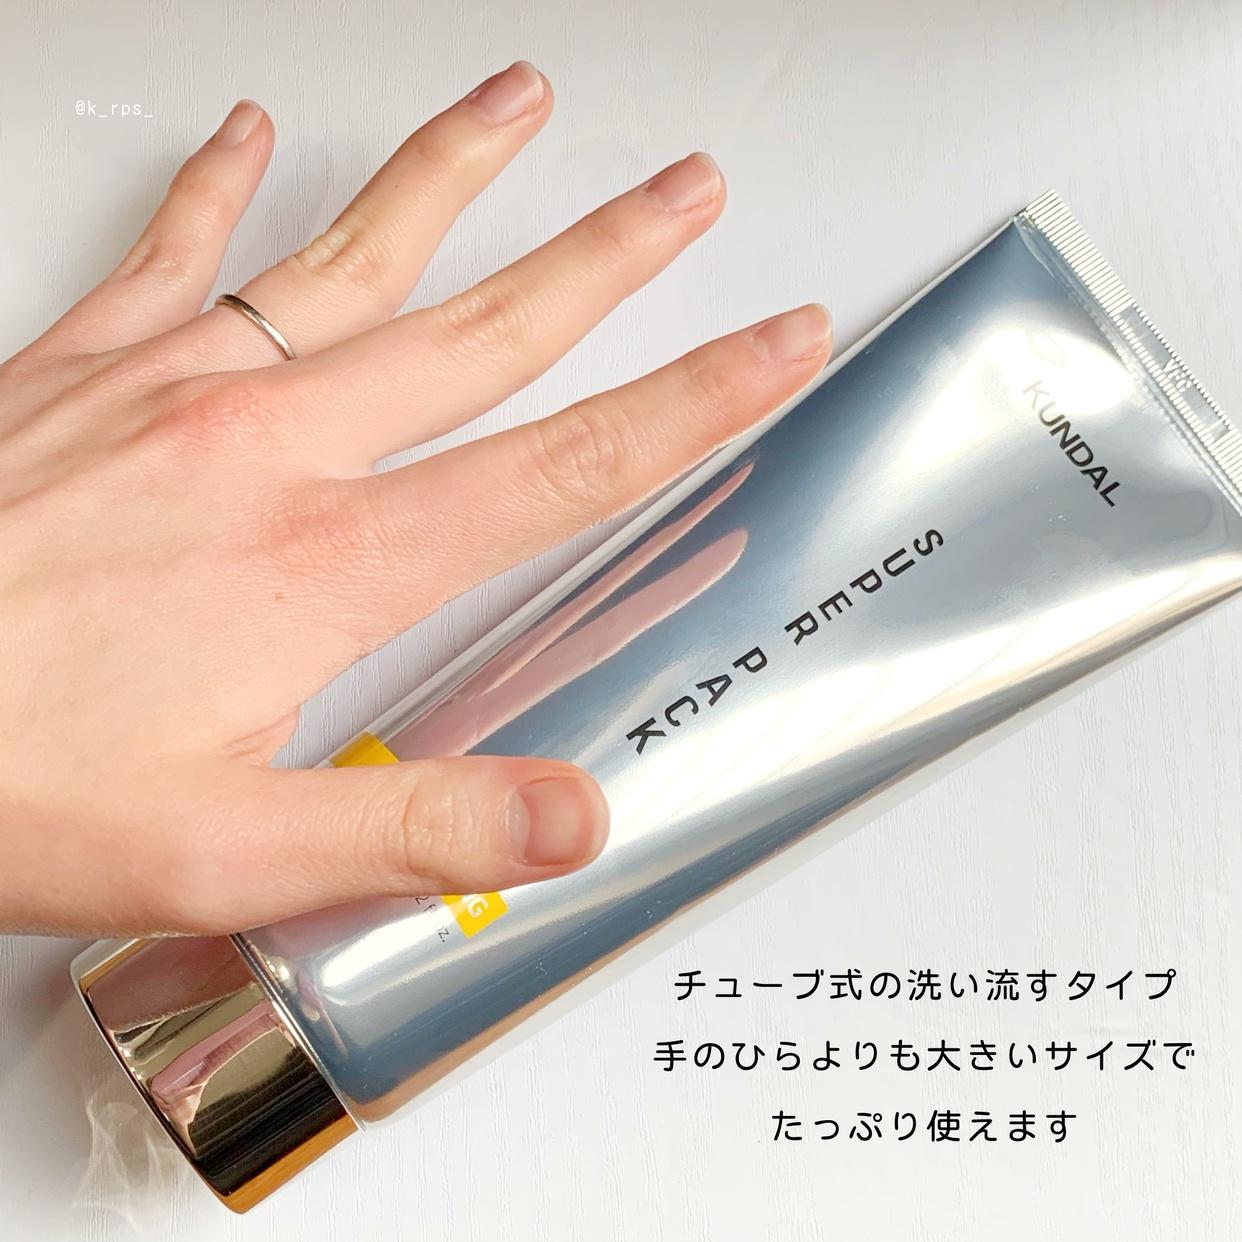 KUNDAL(クンダル) プレミアムヘアクリニックスーパーパックを使ったKeiさんのクチコミ画像2